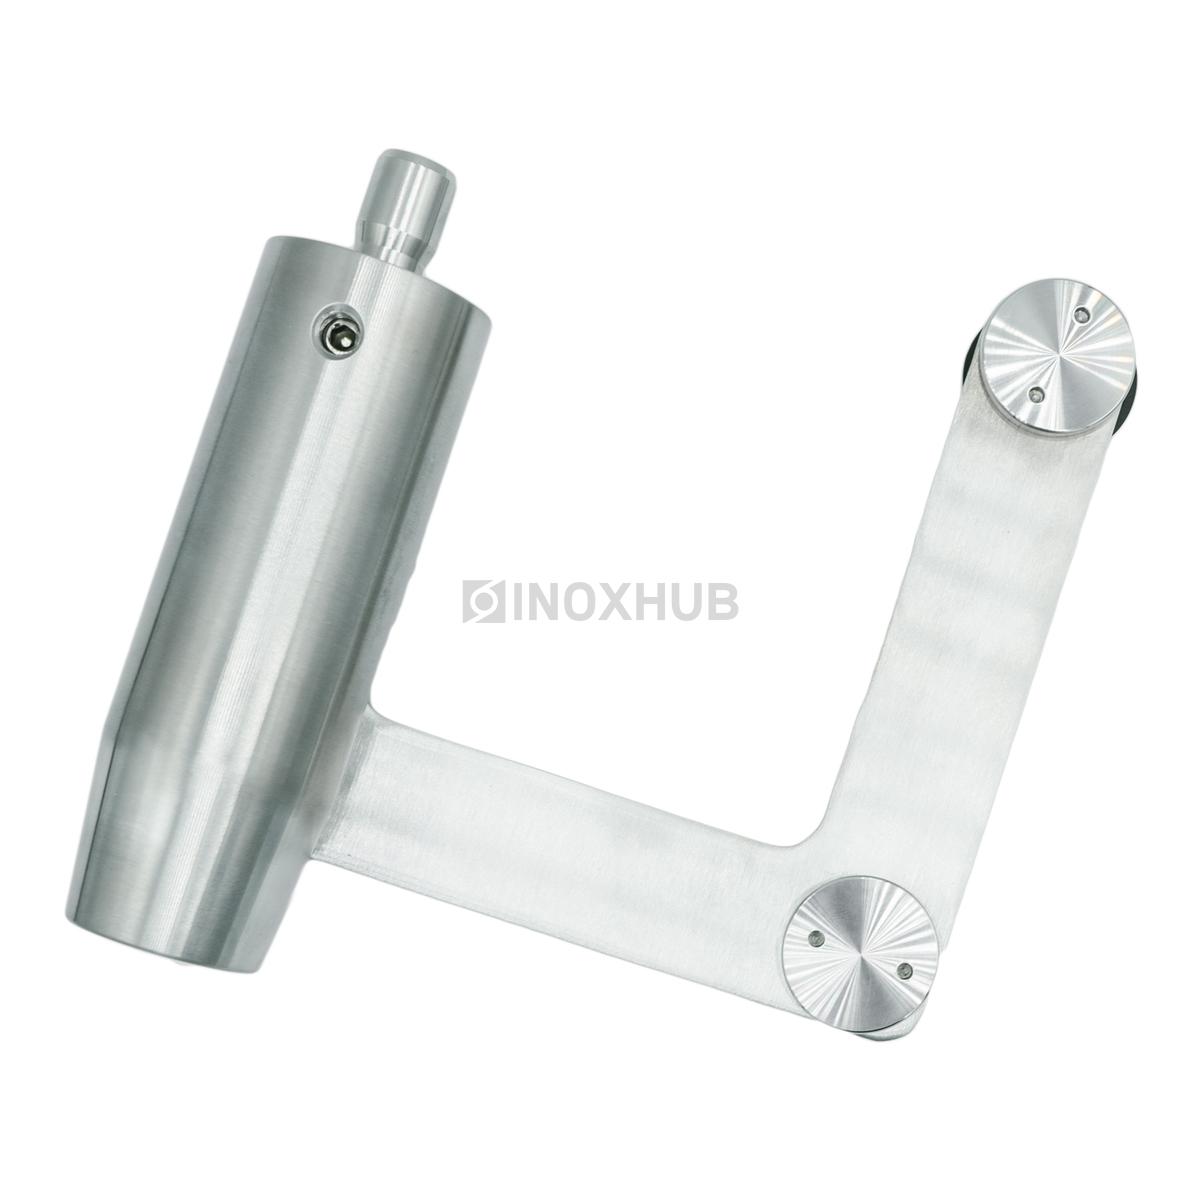 Фитинг угловой (740 SSS) с осью под зенковку, нерж. сталь шлиф